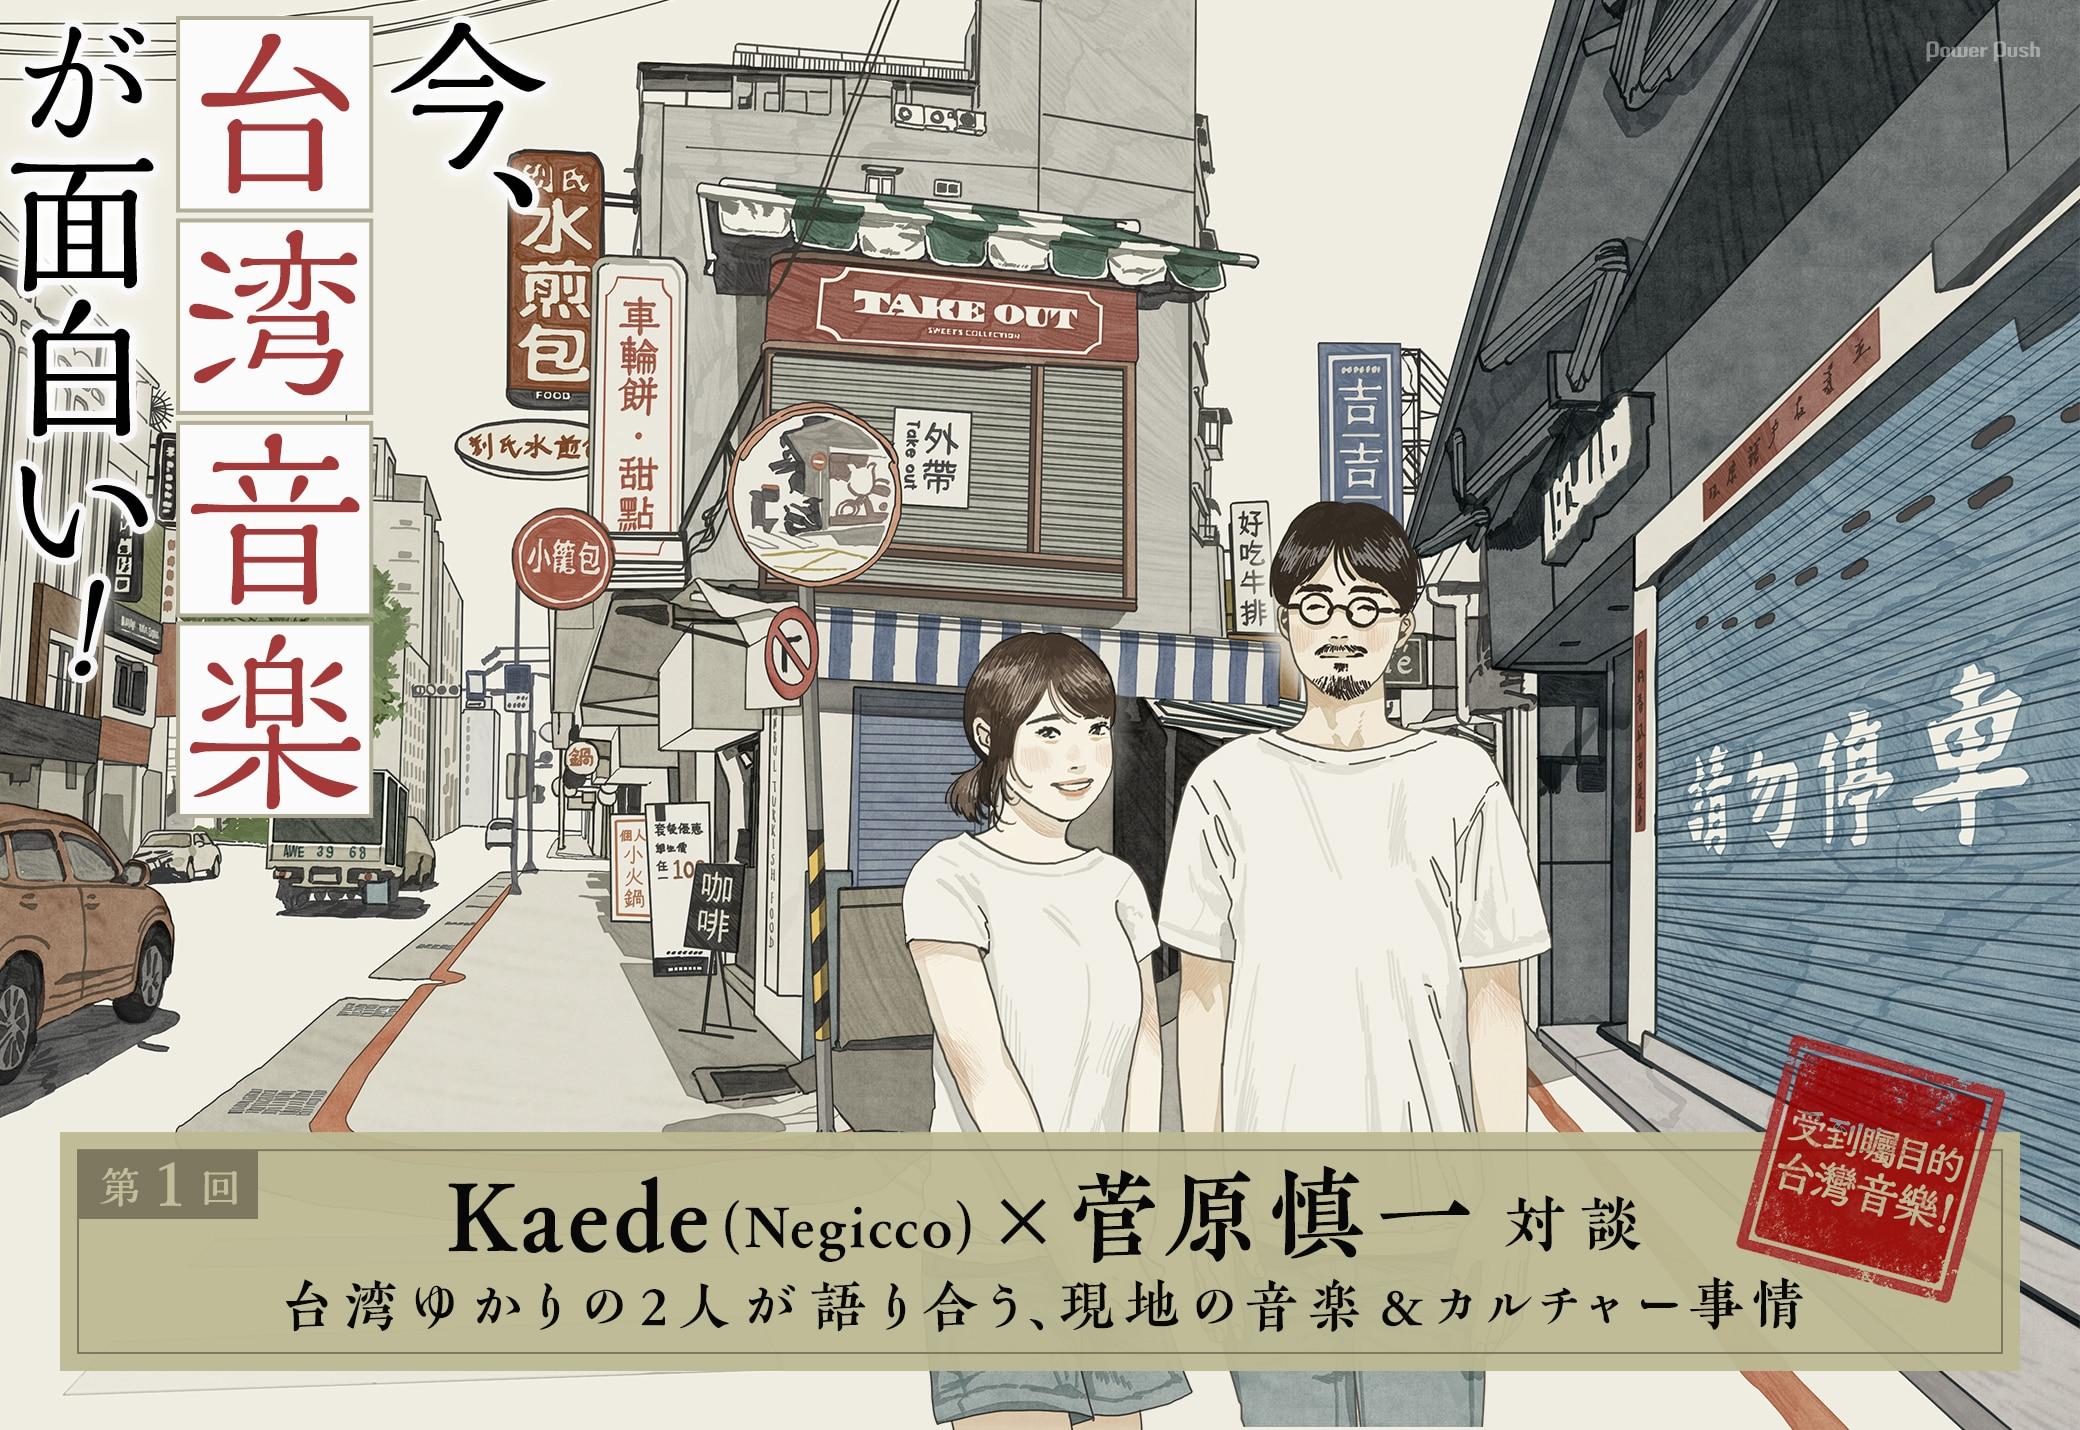 第1回:菅原慎一×Kaede(Negicco)対談|台湾ゆかりの2人が語り合う、現地の音楽&カルチャー事情